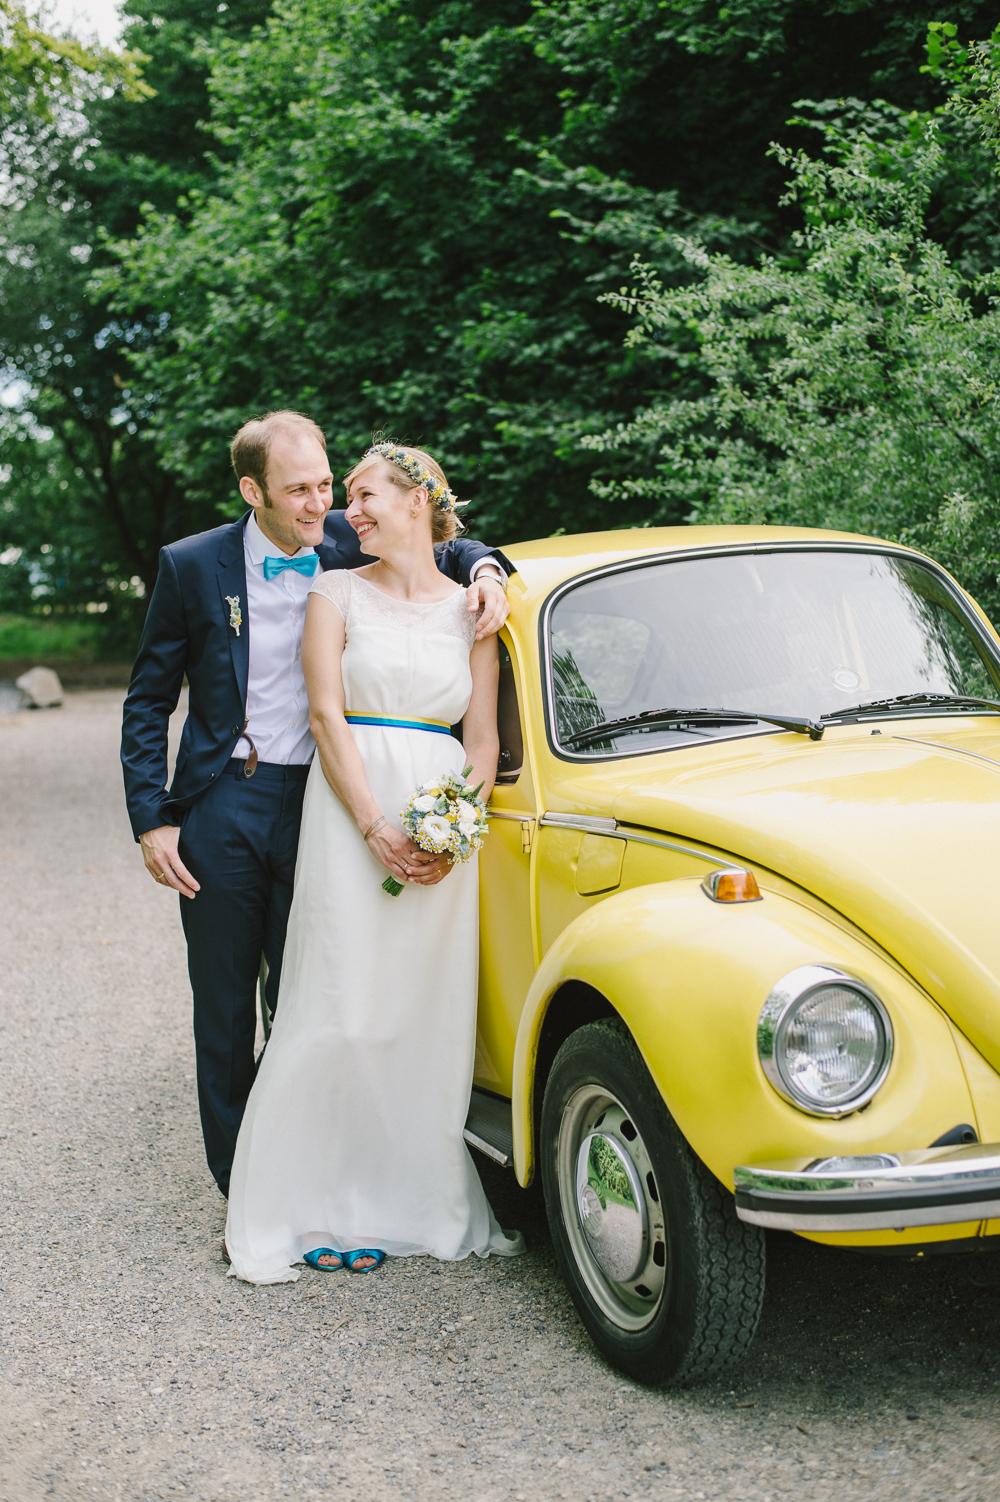 Hannah-Gatzweiler-Hochzeit-Anni-Pe-Aachen-070